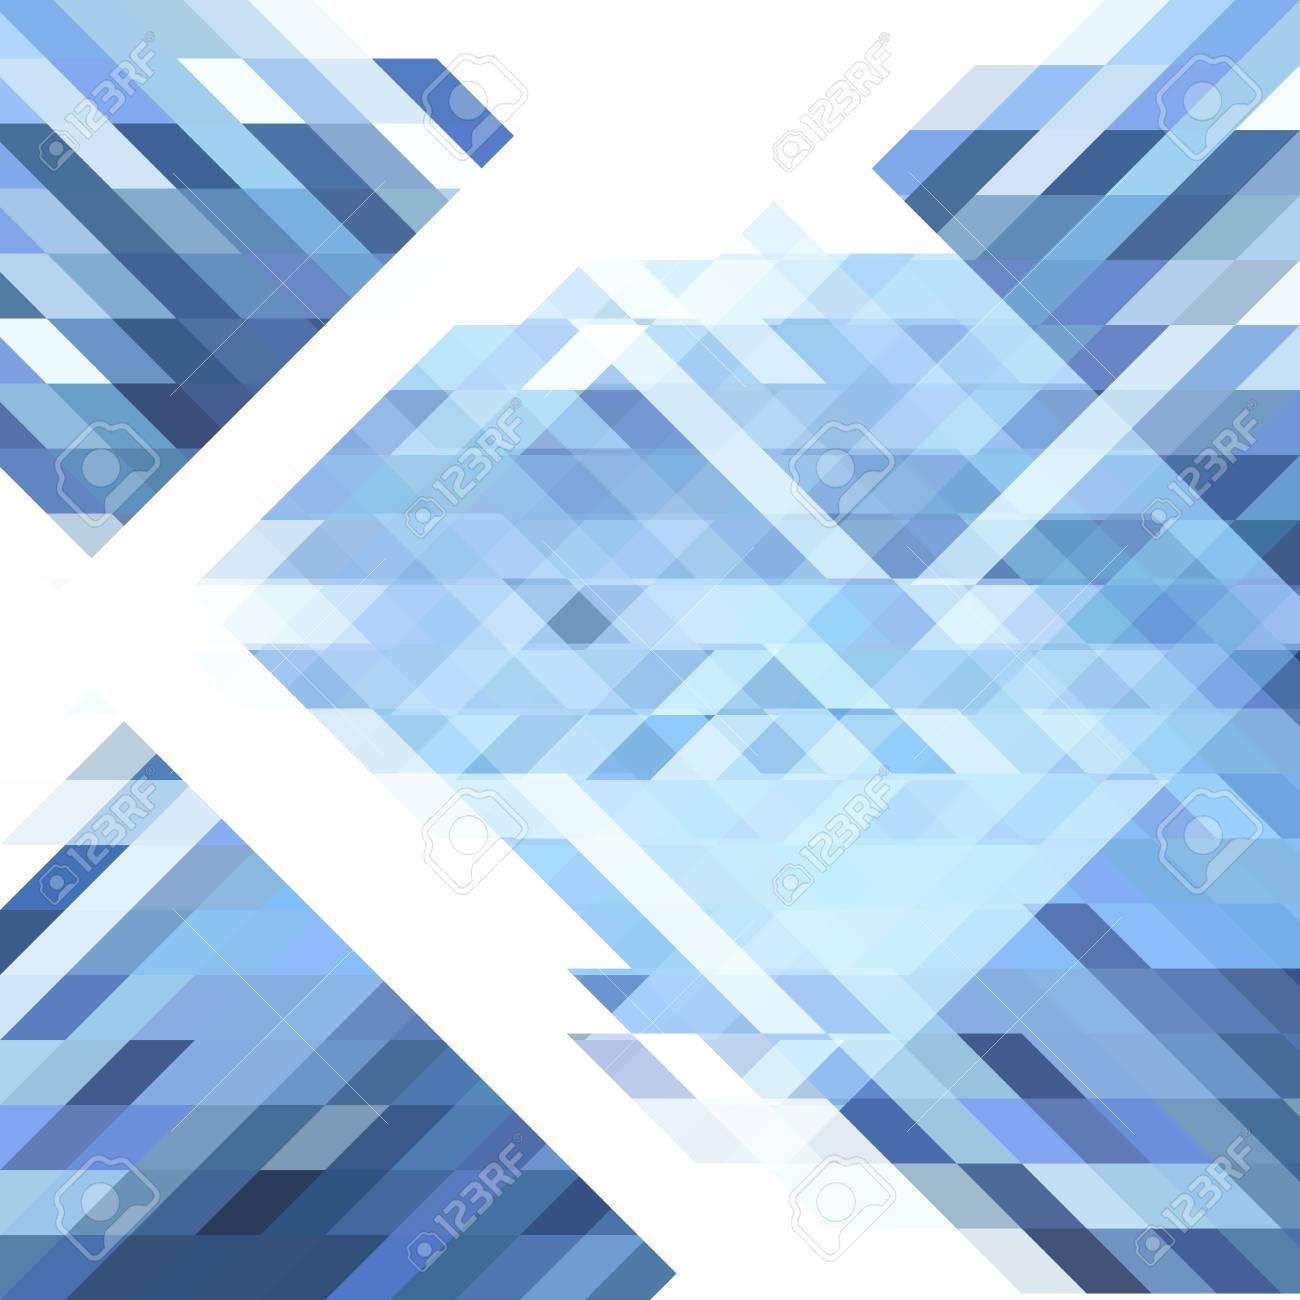 1dadd2c8f0c2b Fondo Geométrico Abstracto. Formas Geométricas En Diferentes Tonos De Azul  Y Blanco. Patrón De Polígono Geométrico Futurista. Para Usar Como Fondo De  Página ...